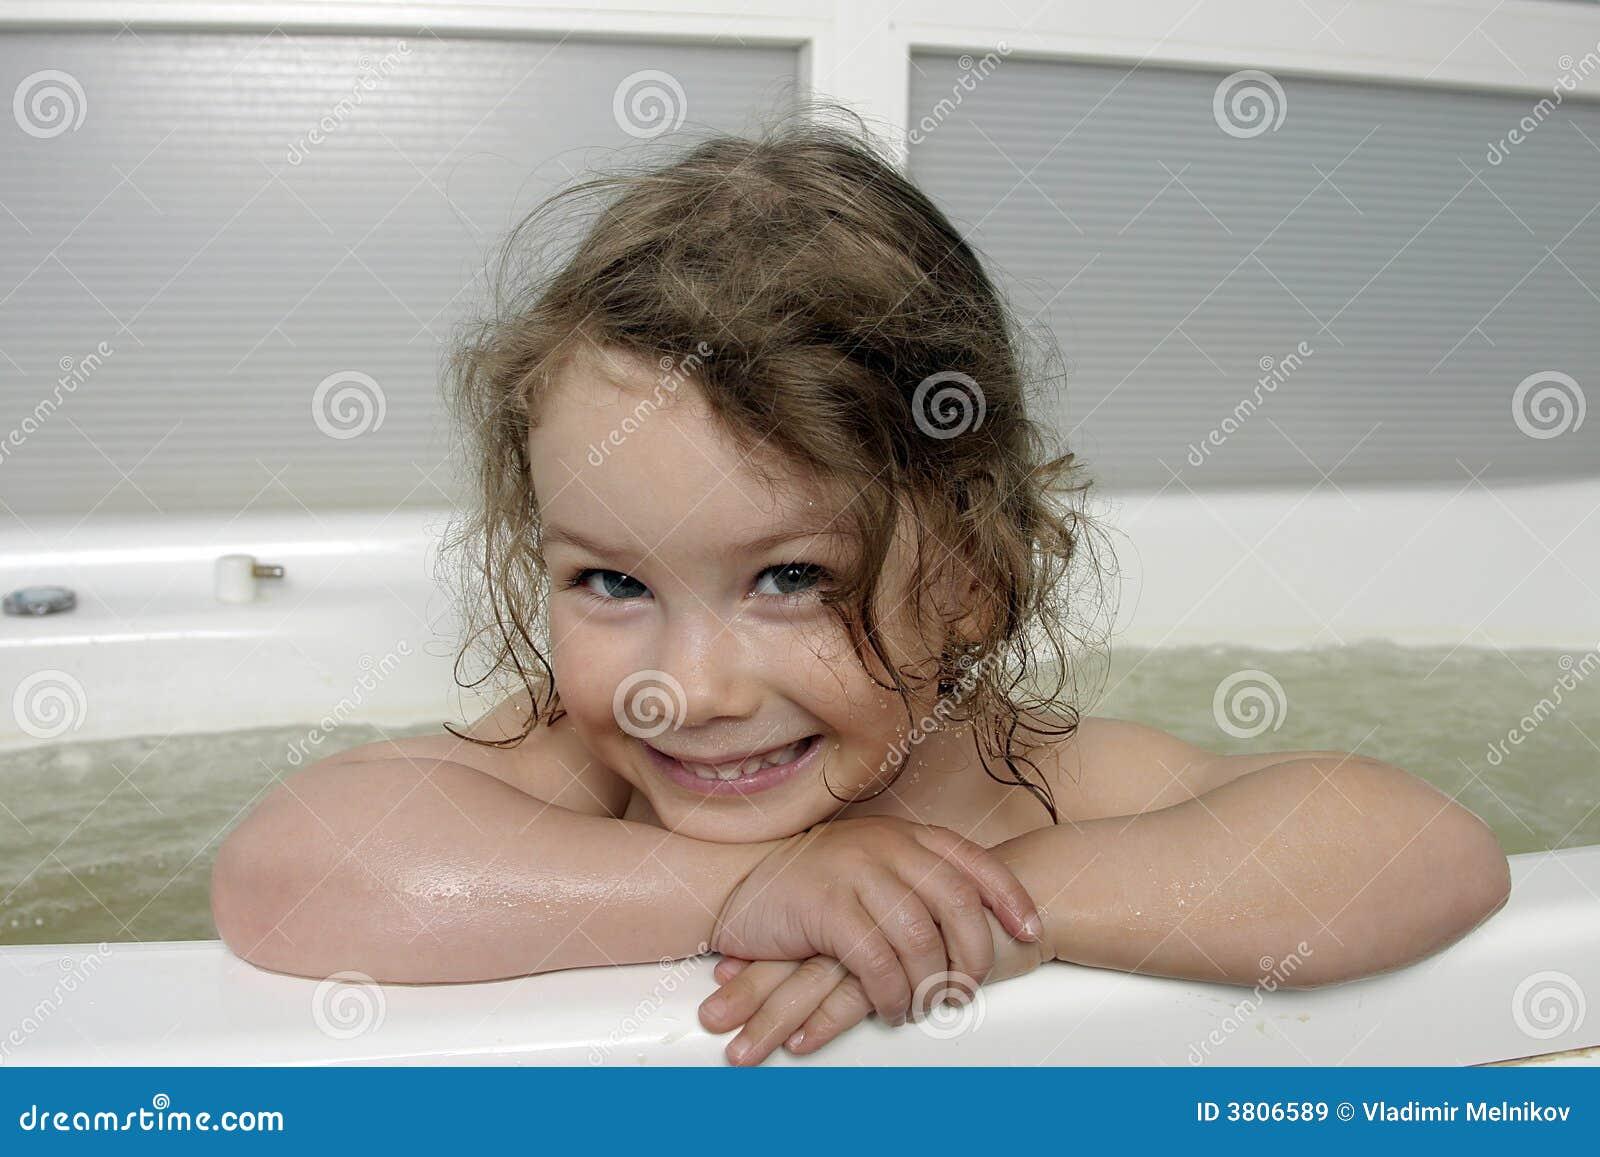 julia perez sexy naked